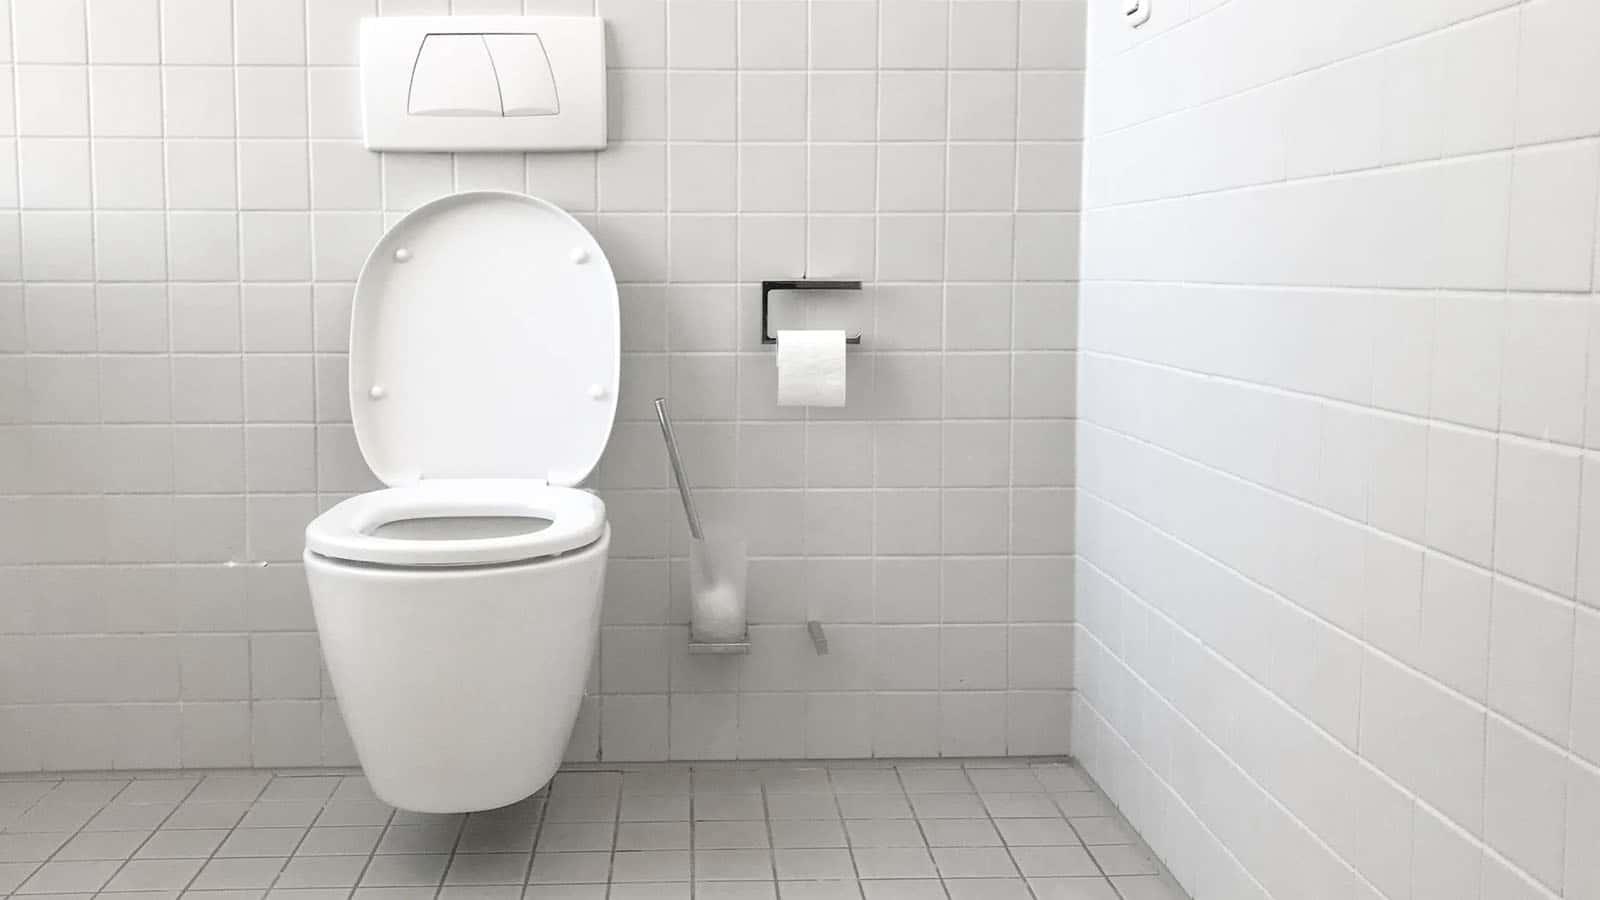 poop in a toilet